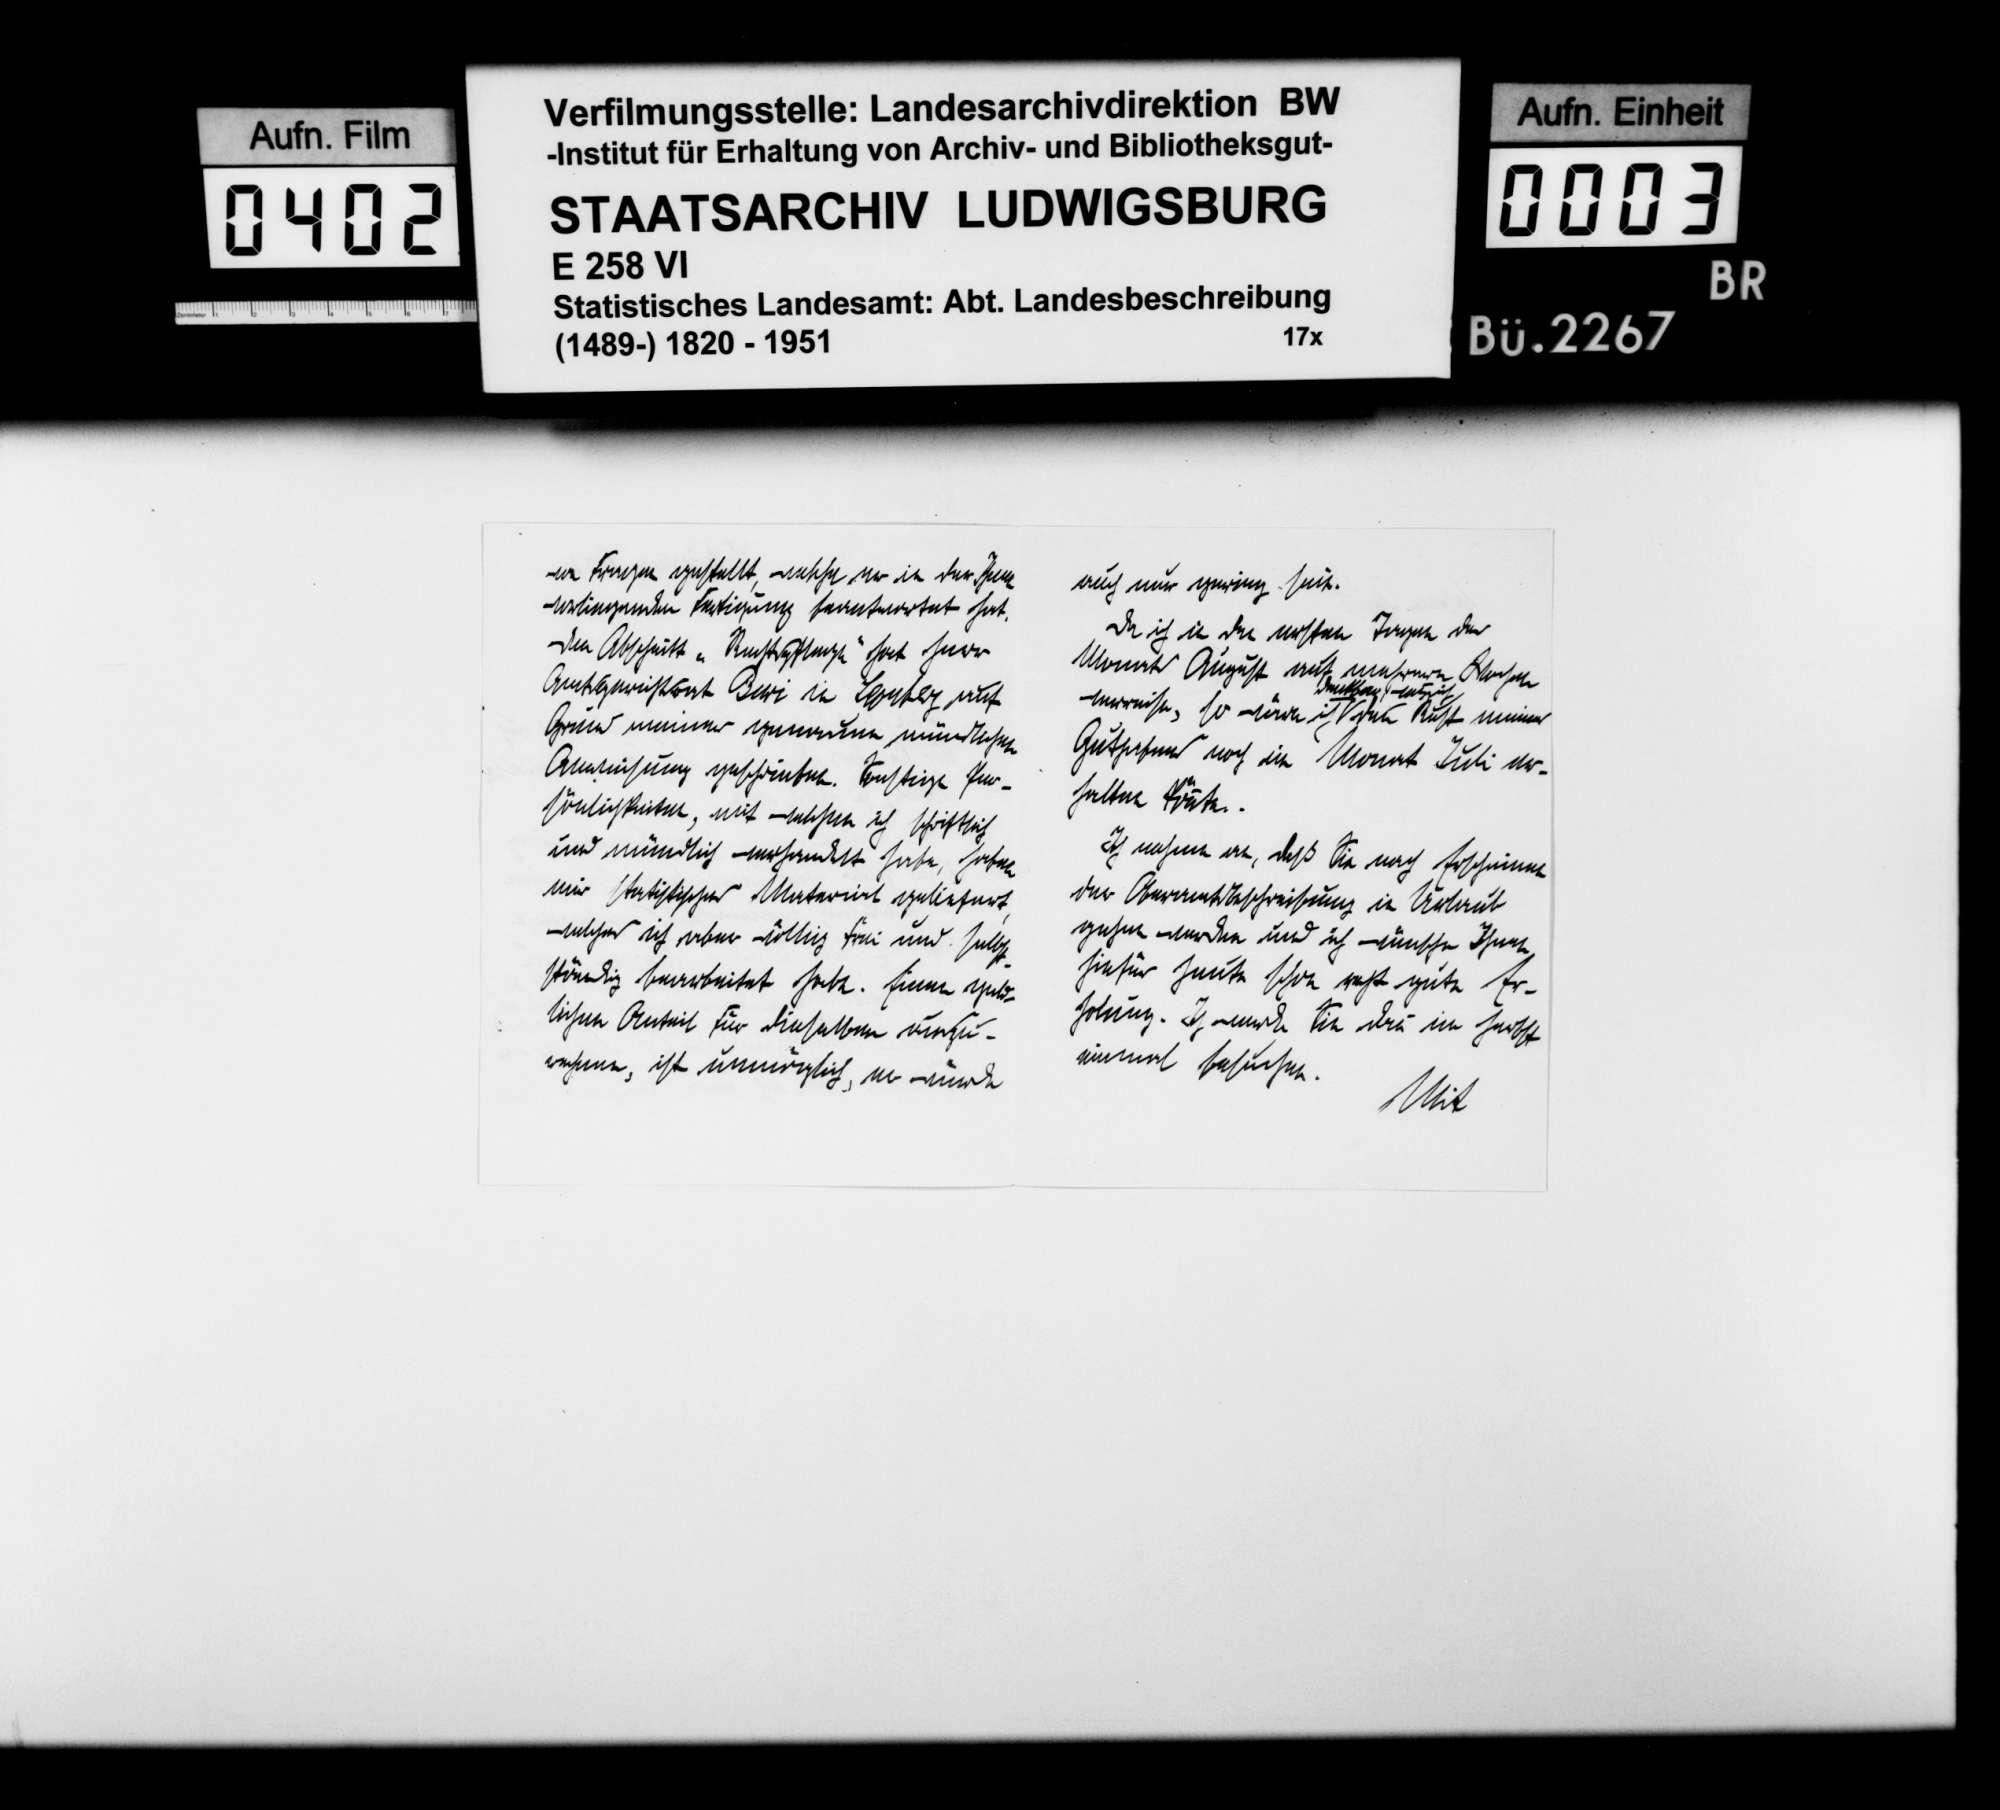 Druckvorlagen und Probedrucke der Abbildungen (Fotos und Zeichnungen) für die Neubearbeitung der OAB 1930, Bild 2